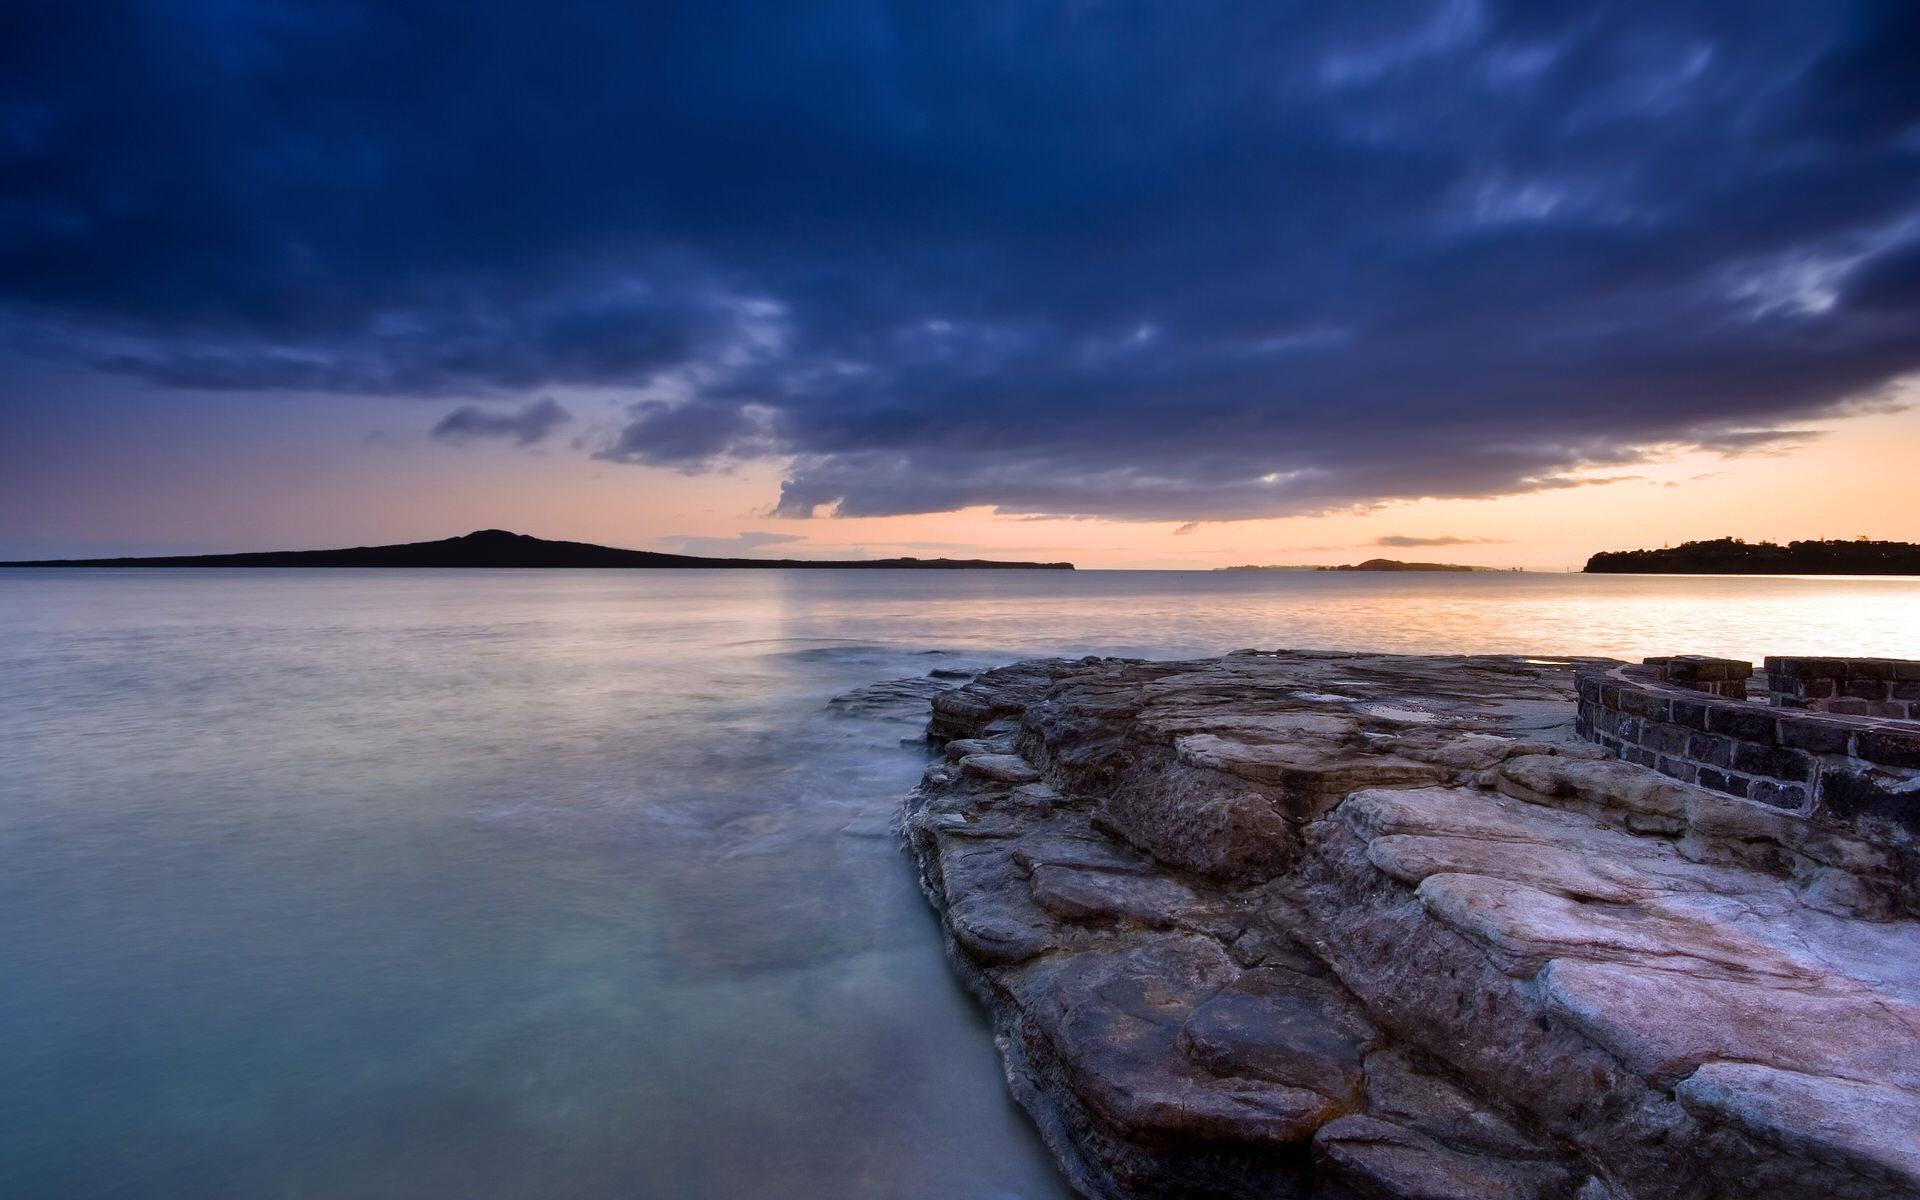 朗伊托托岛的景色高清壁纸